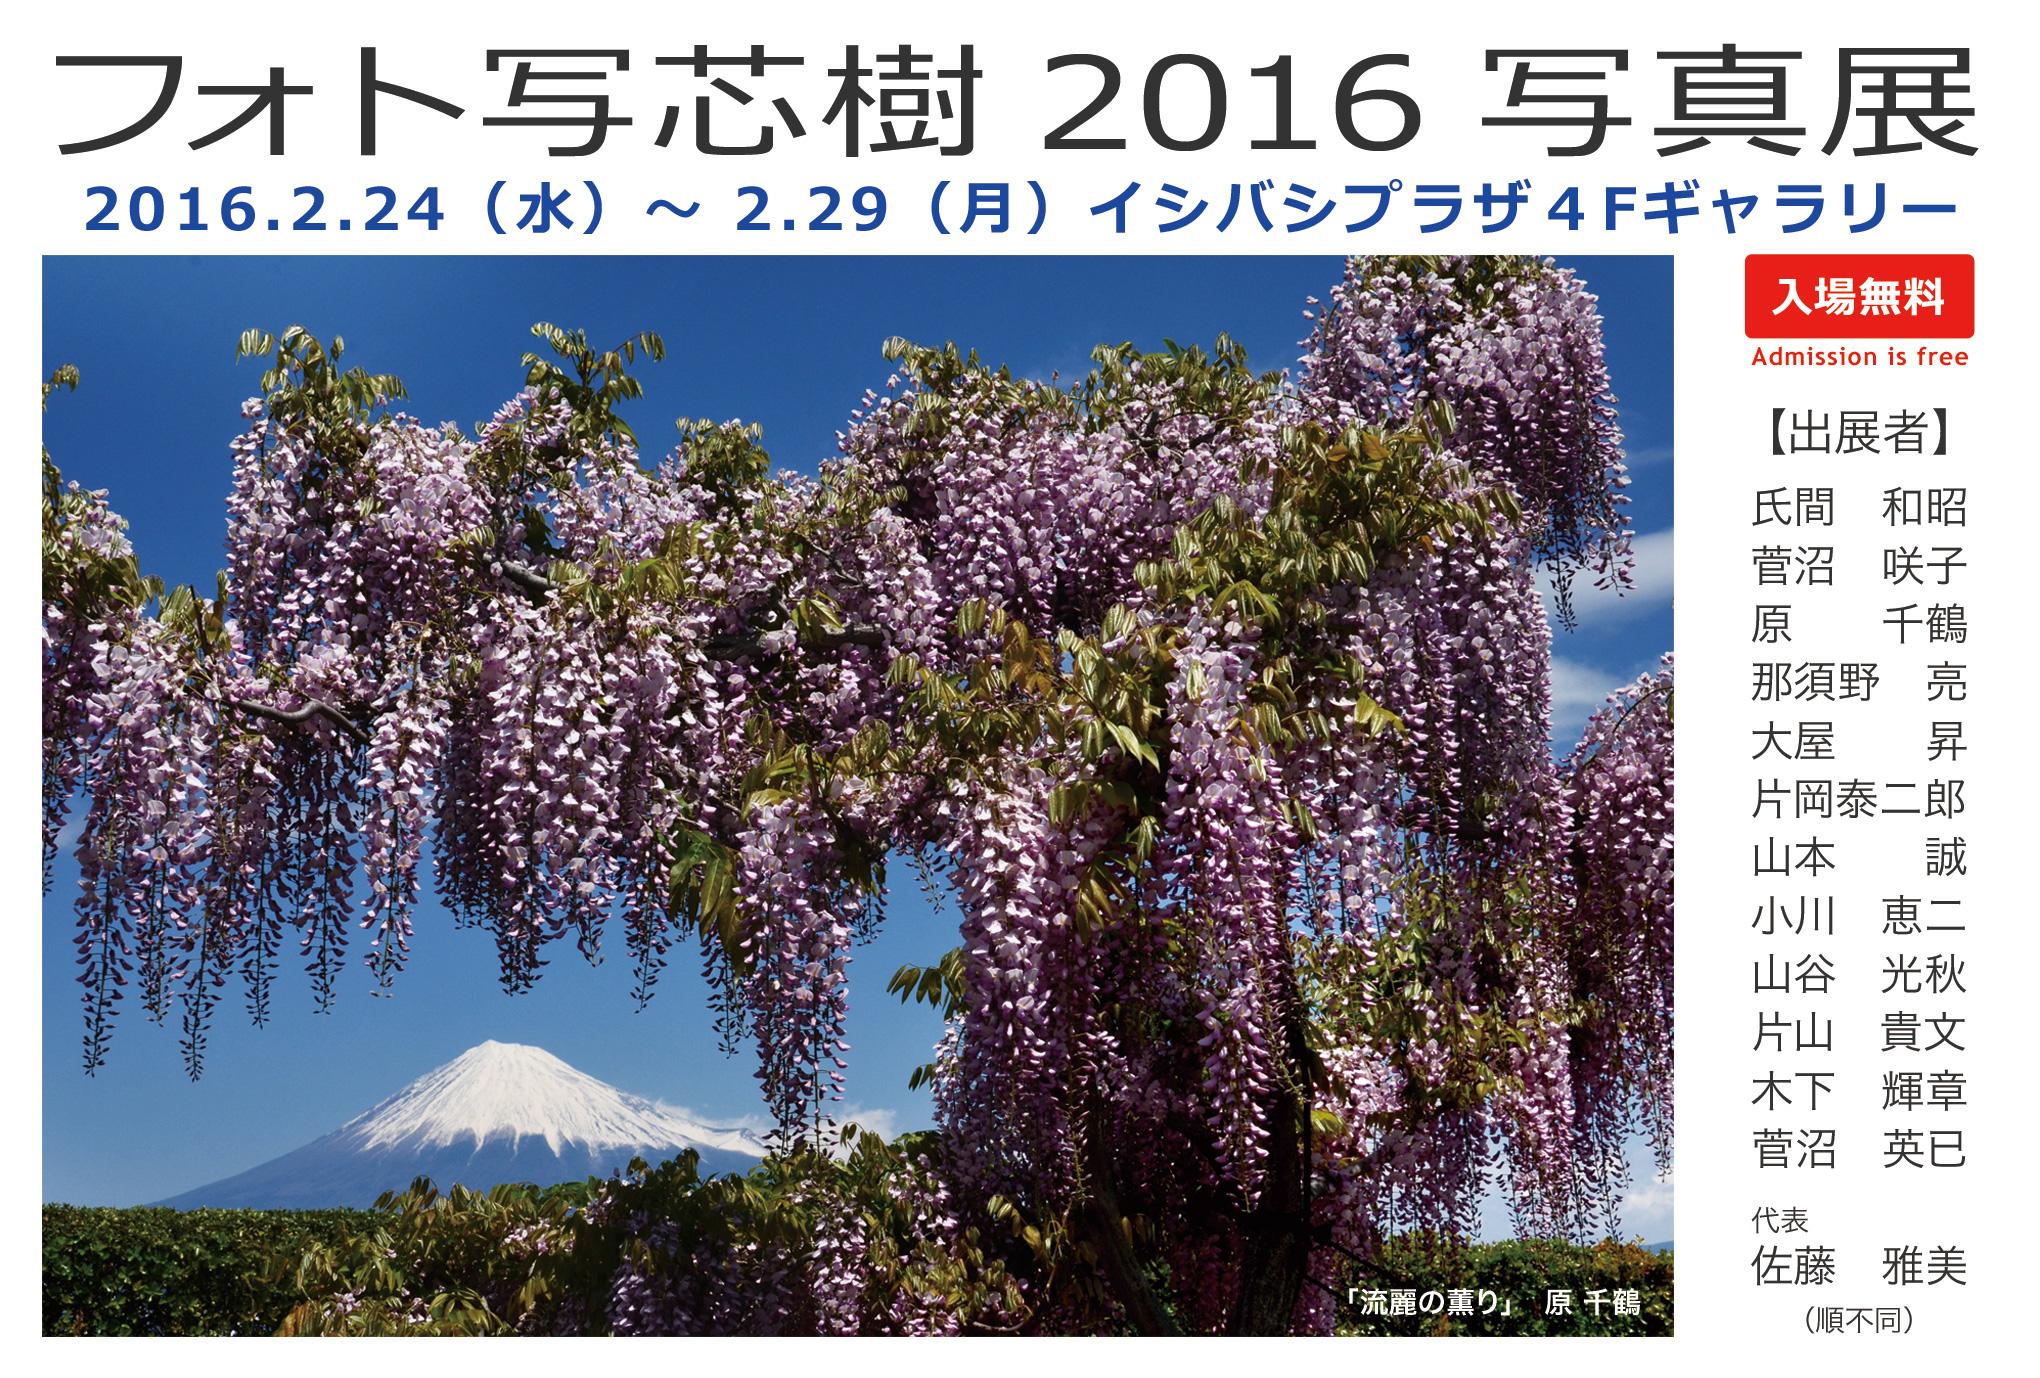 「富士山の日」フォト写芯樹2016写真展開催